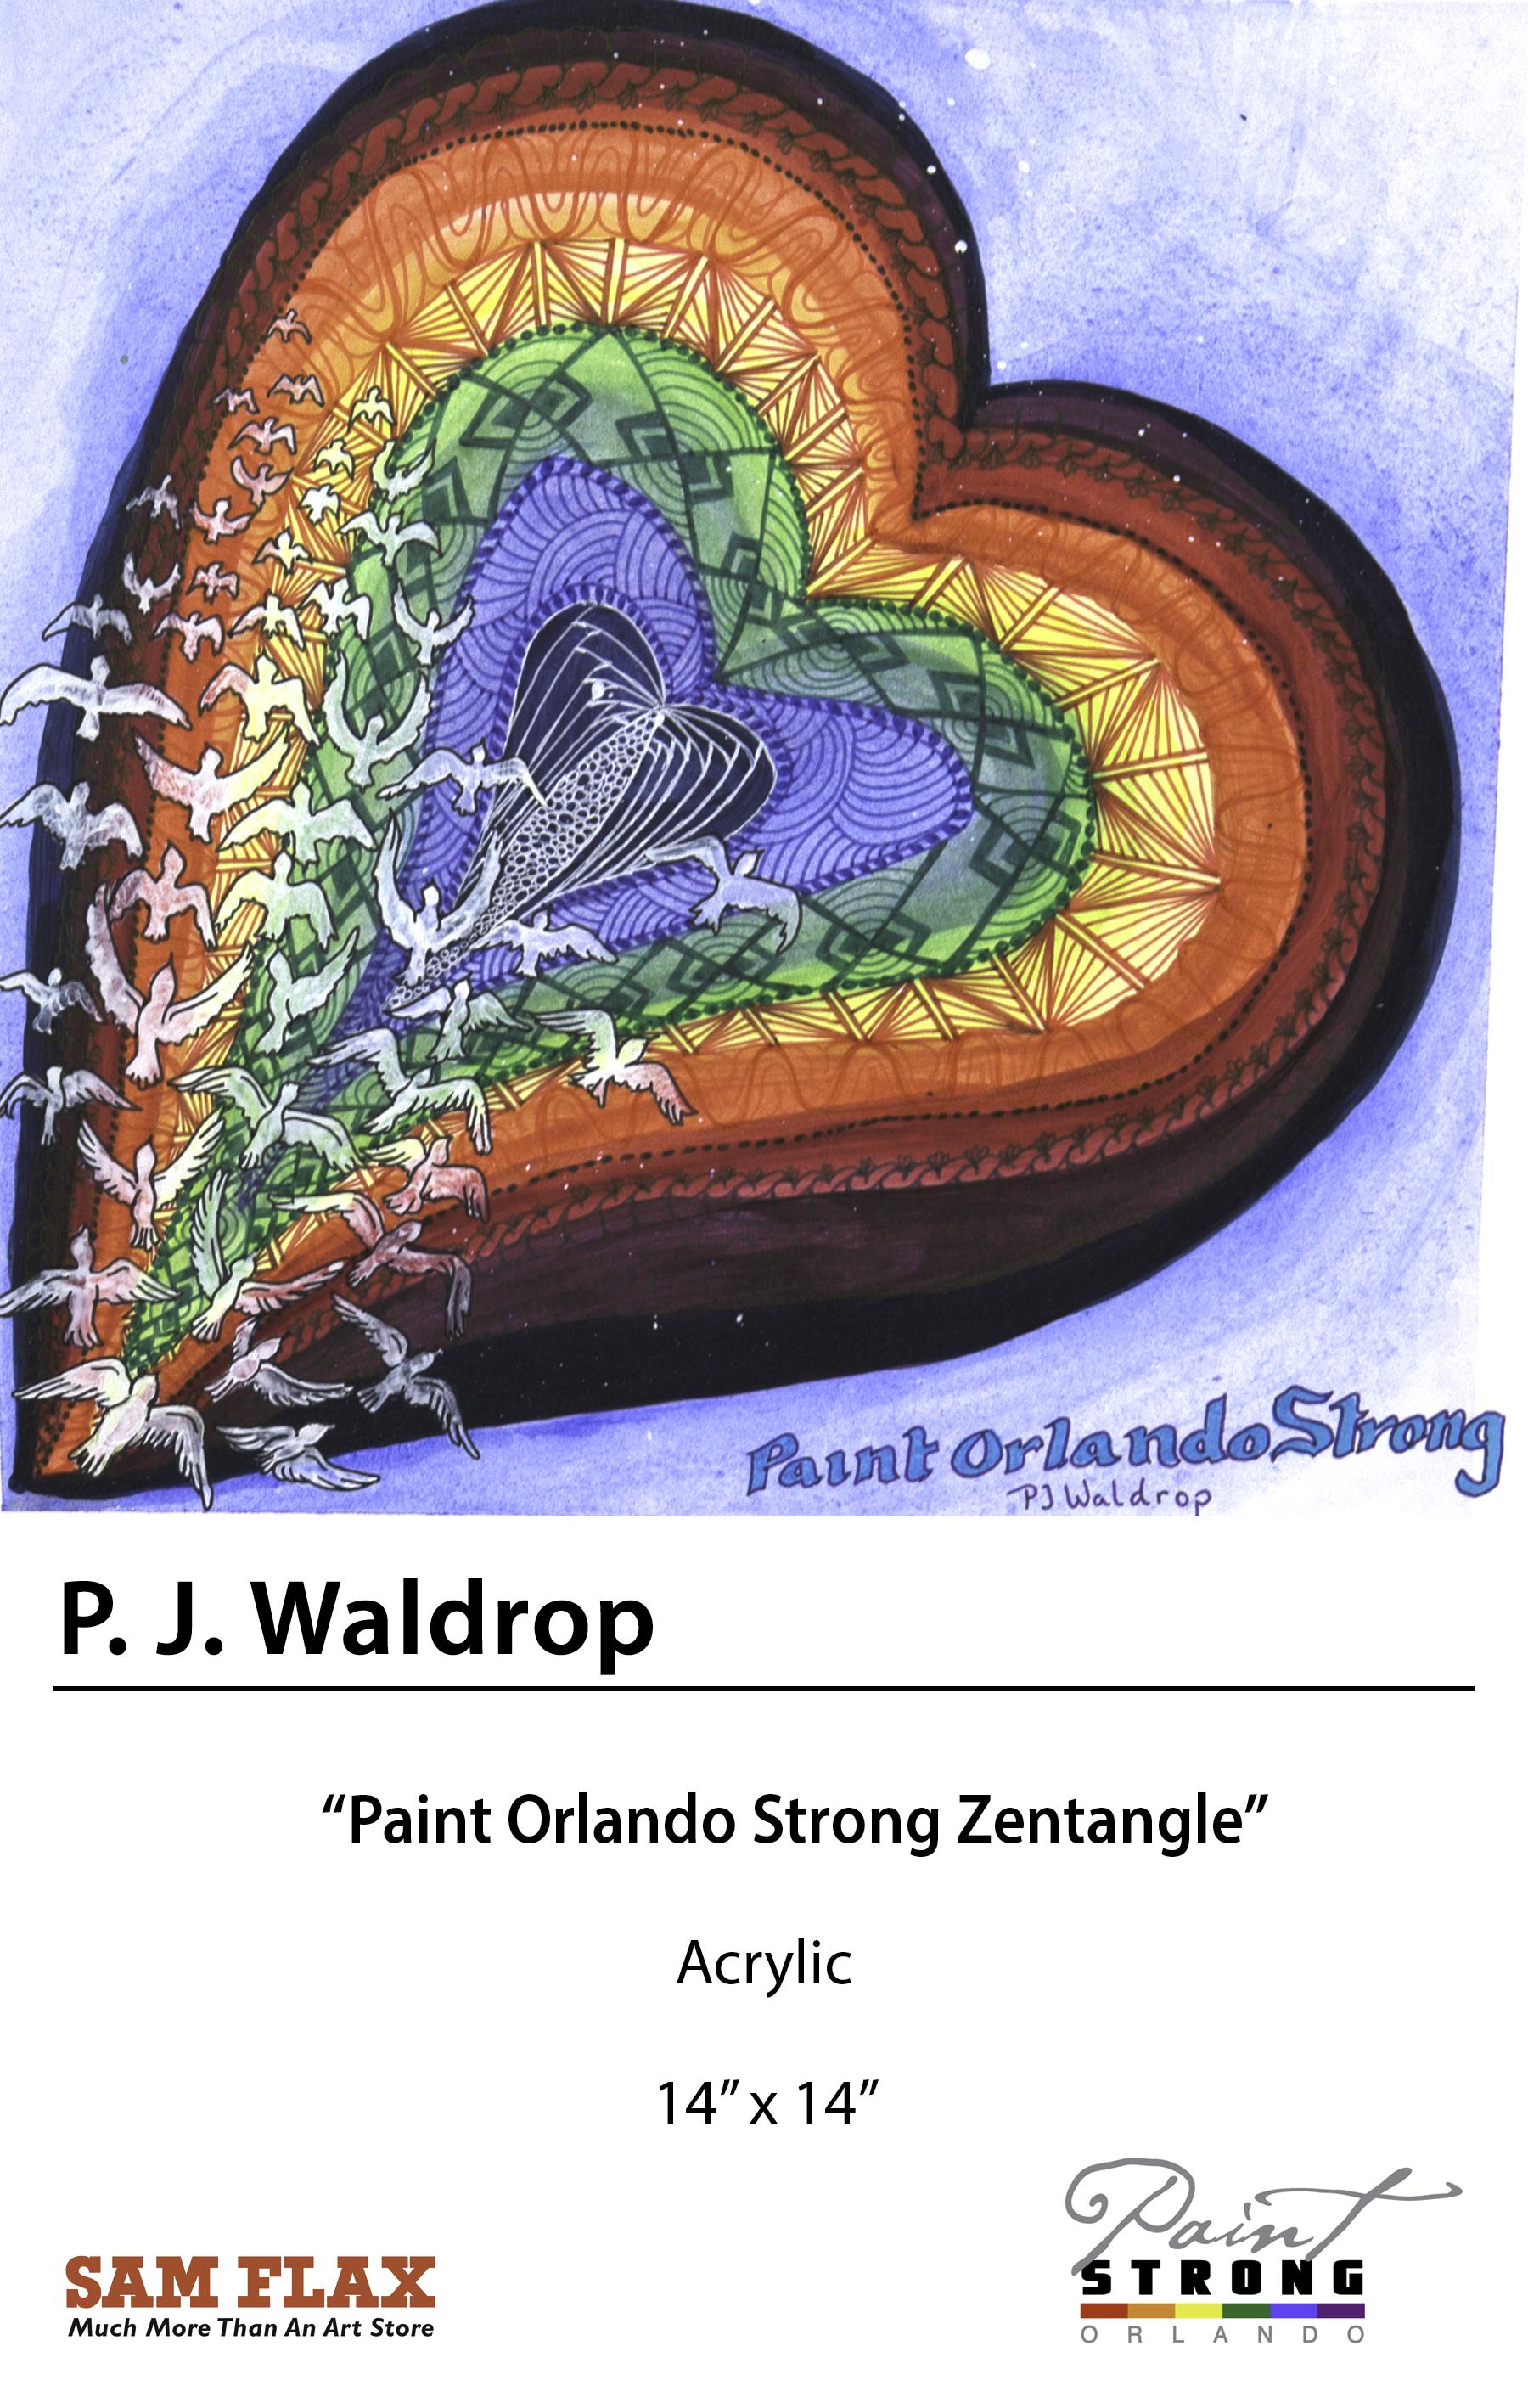 PJ Waldrop